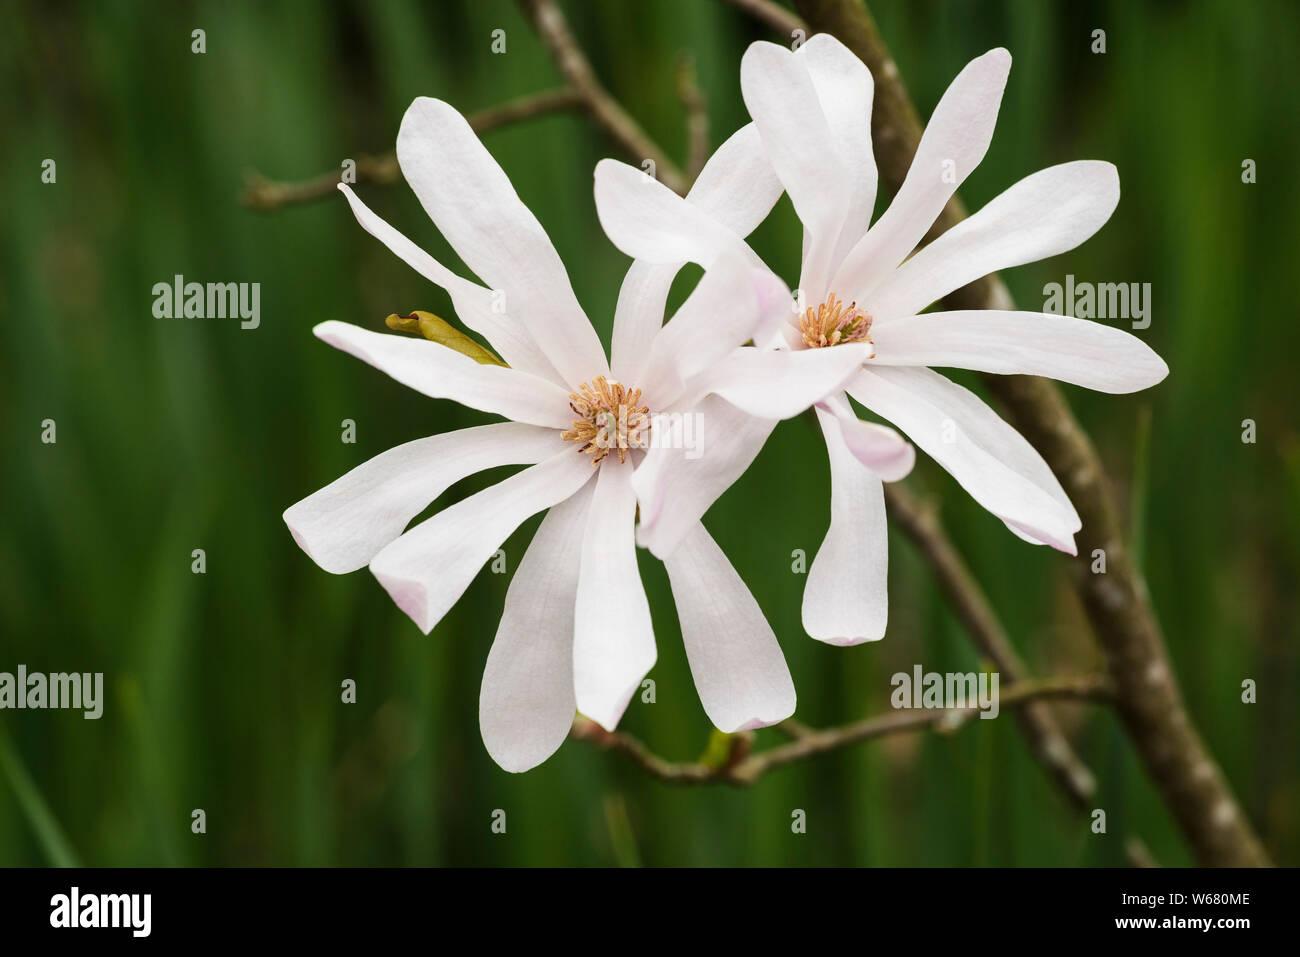 White Petals Of Star Magnolia Magnolia Stellata A Deciduous